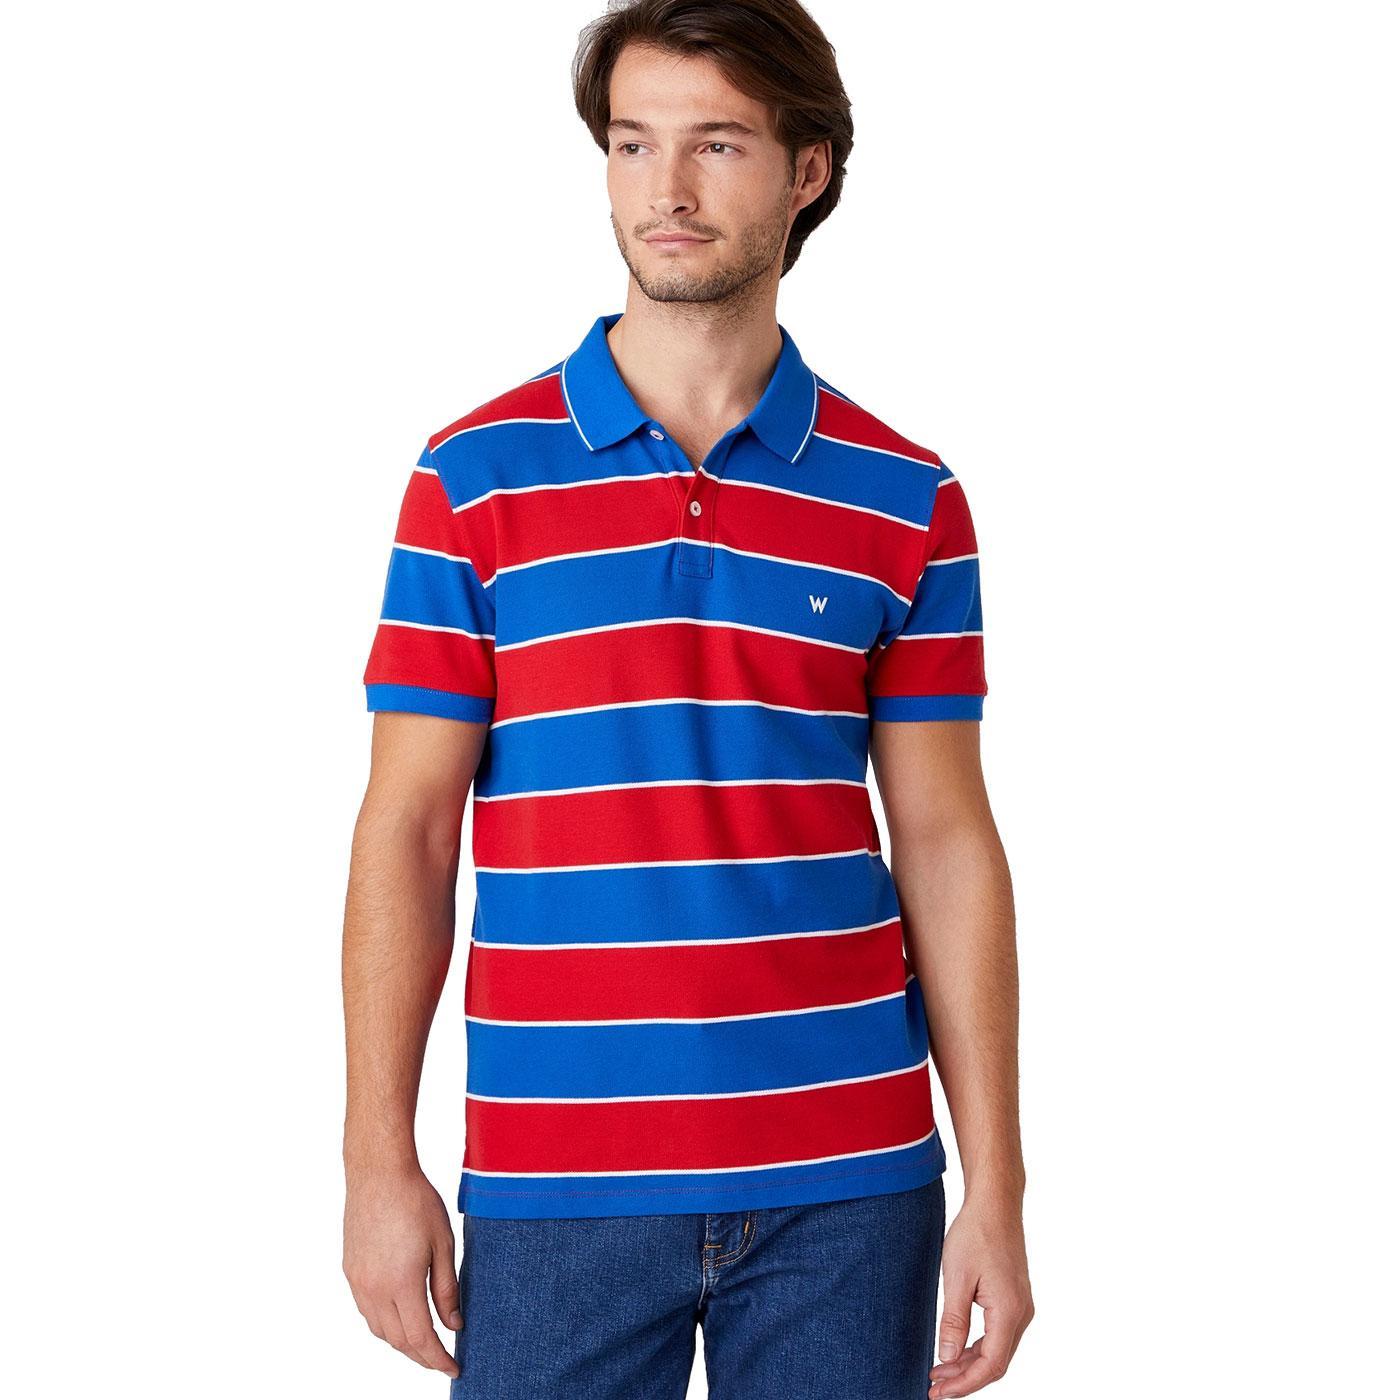 WRANGLER Mens Retro Yarn Dye Stripe Pique Polo